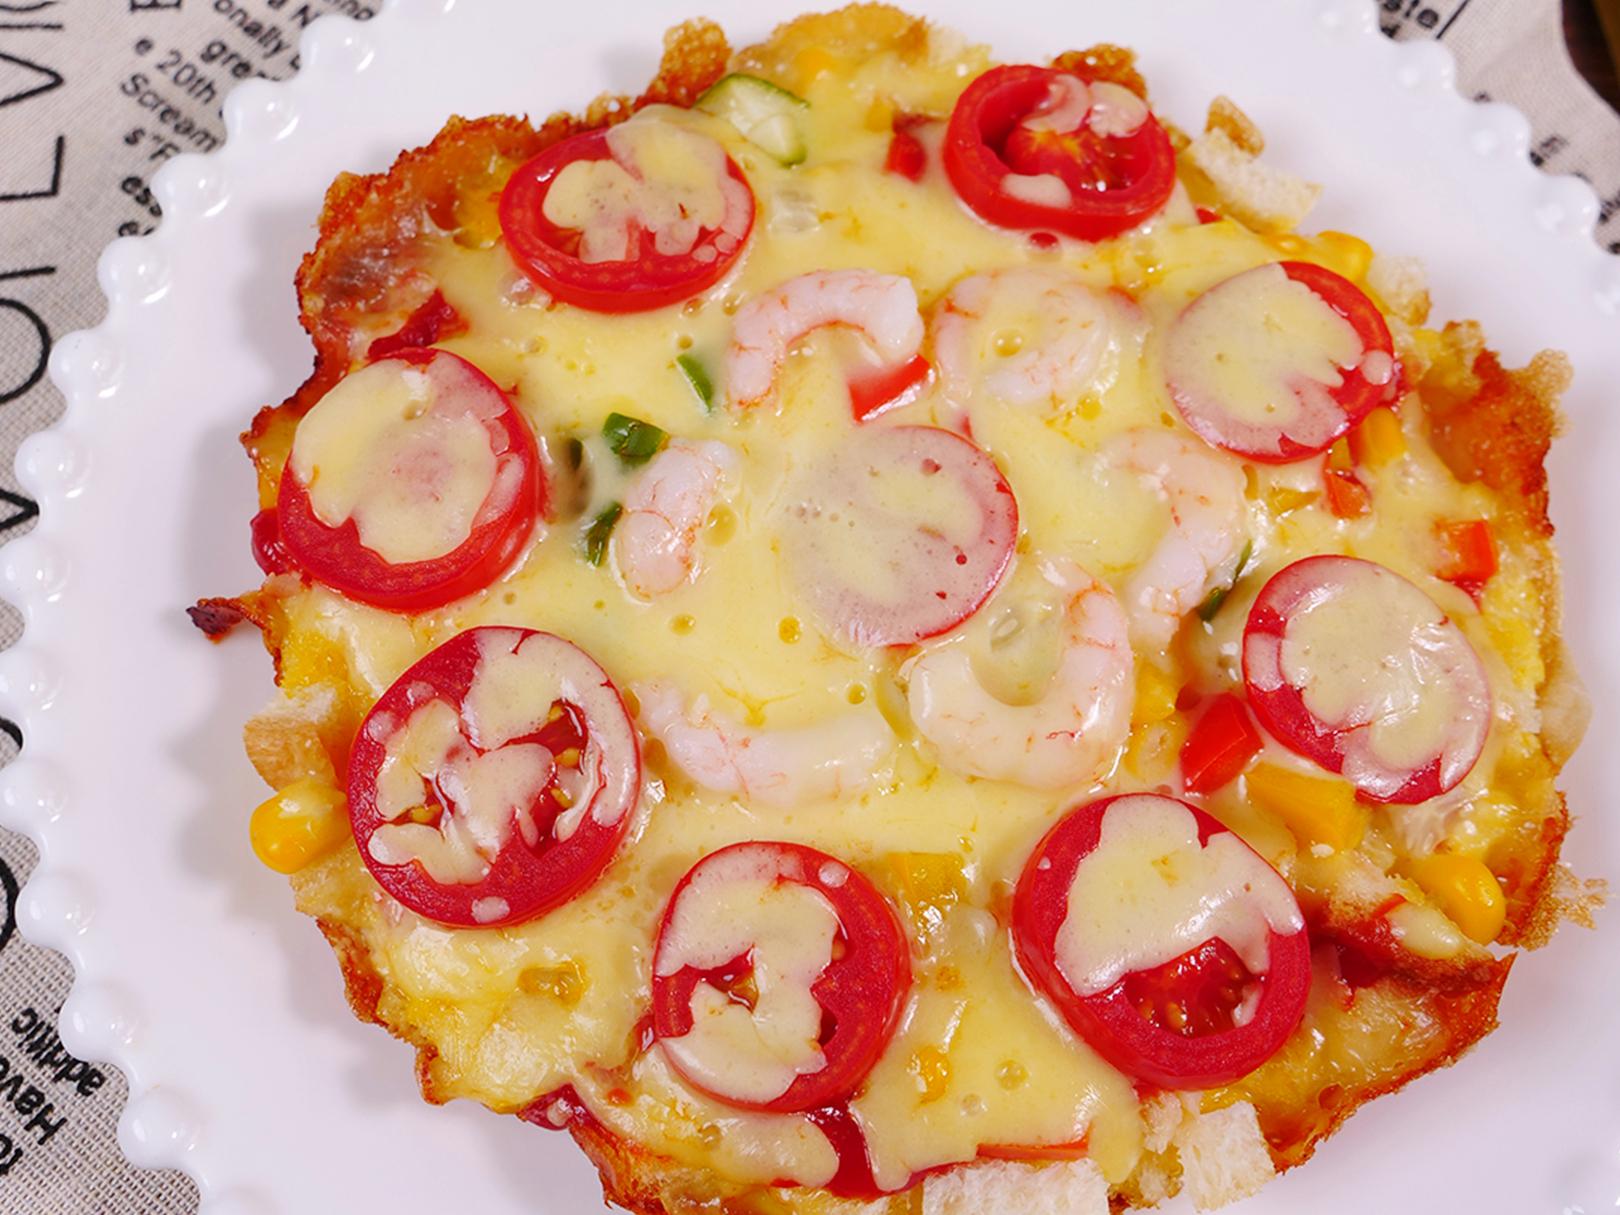 鸡蛋吐司披萨